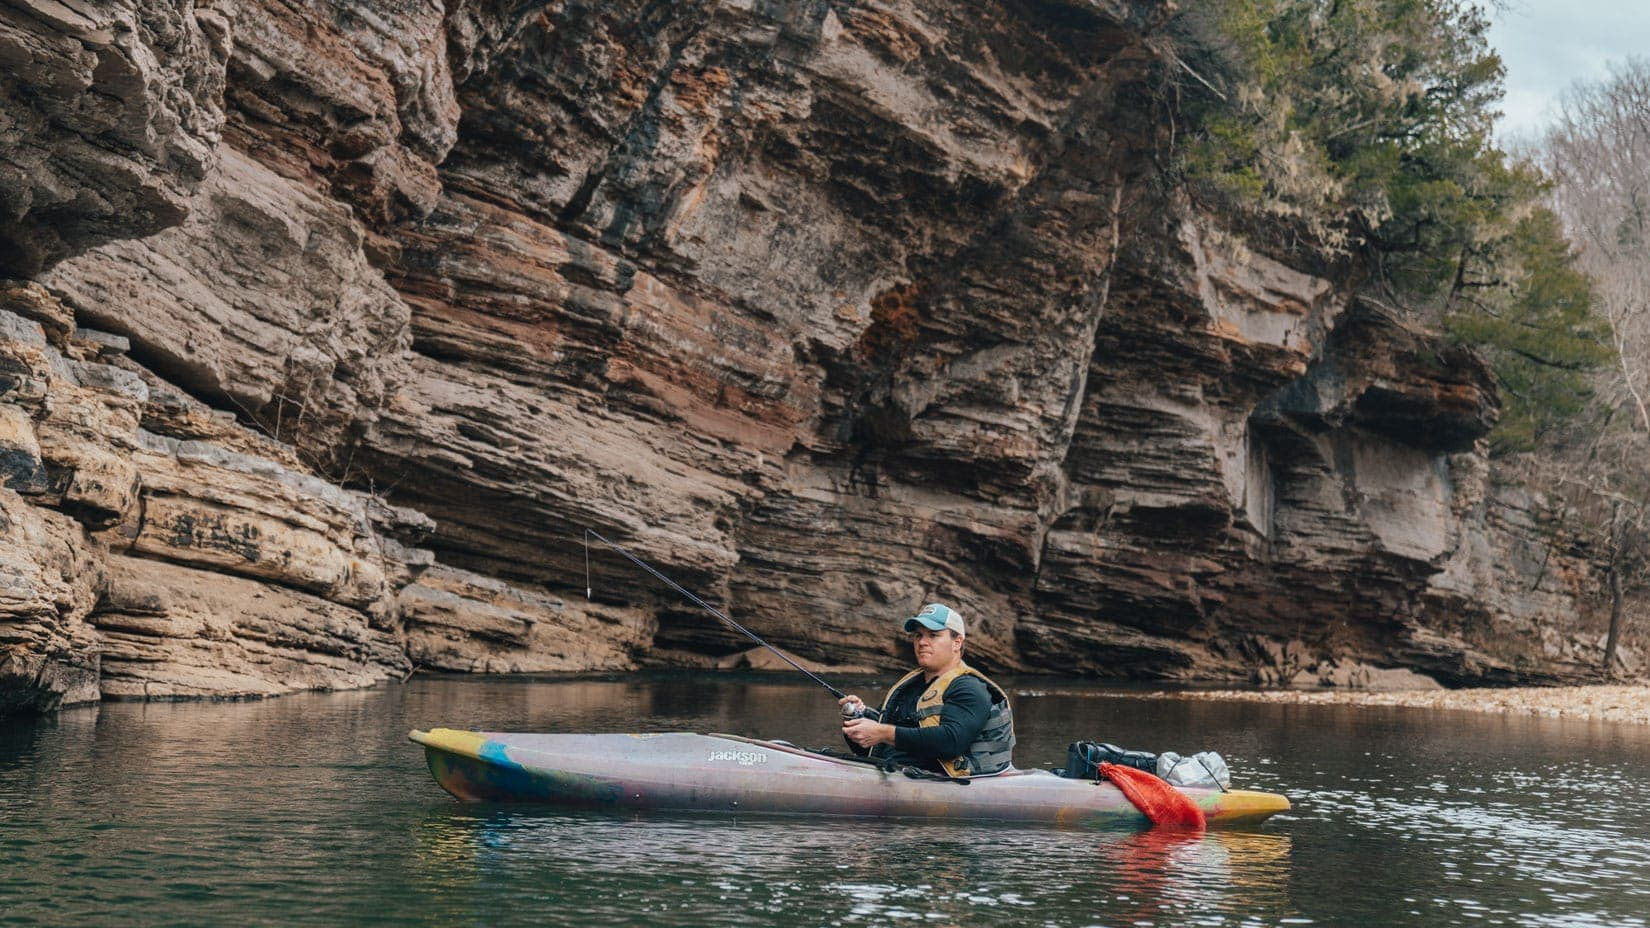 Man catching fish while kayaking